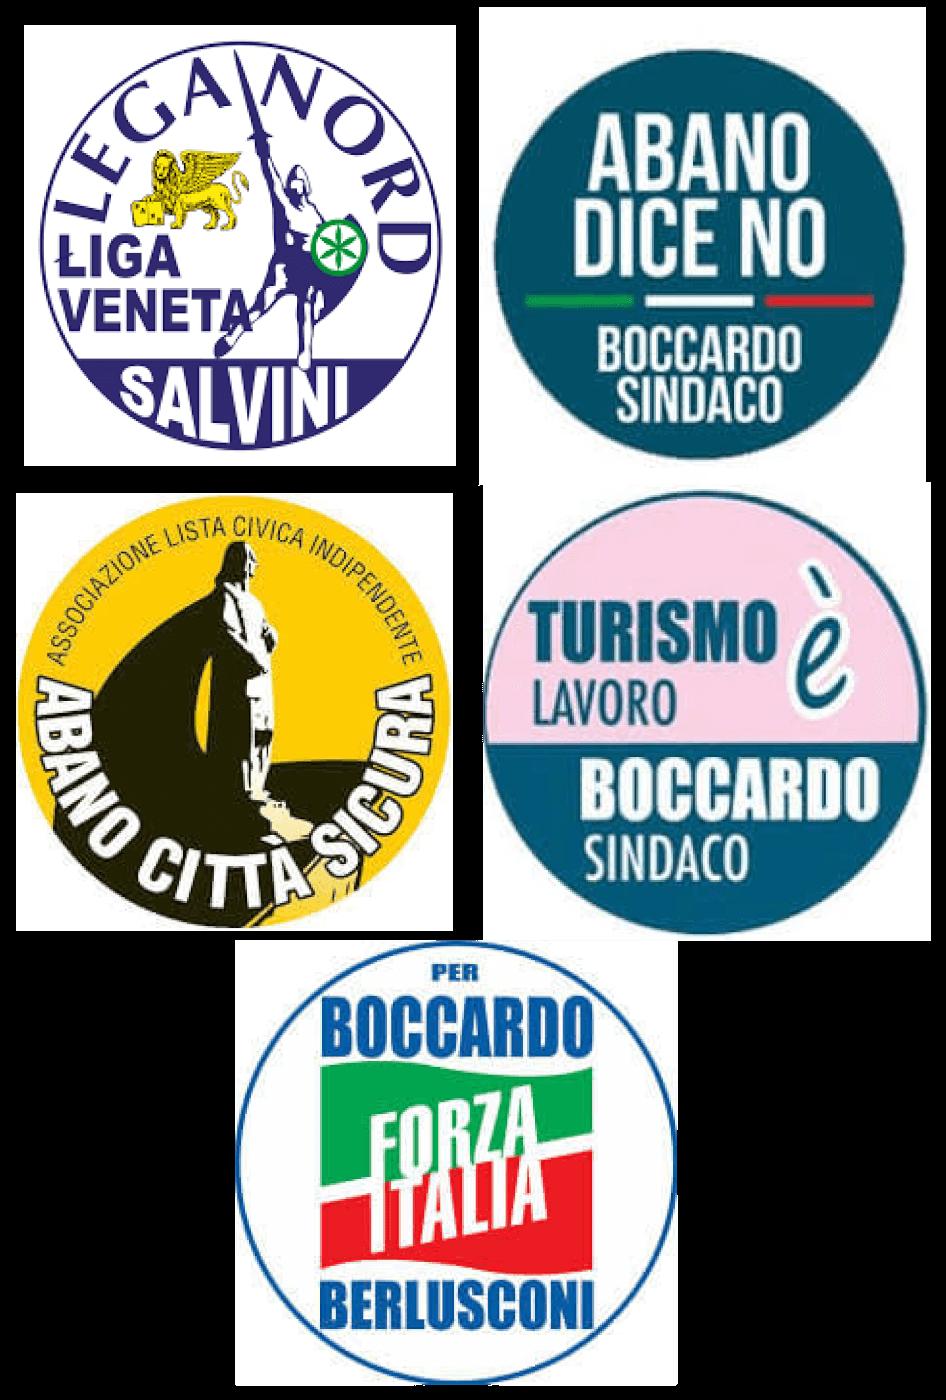 Lega Nord</br>Turismo è lavoro</br>Abano città sicura</br>Abano dice no</br>Forza Italia